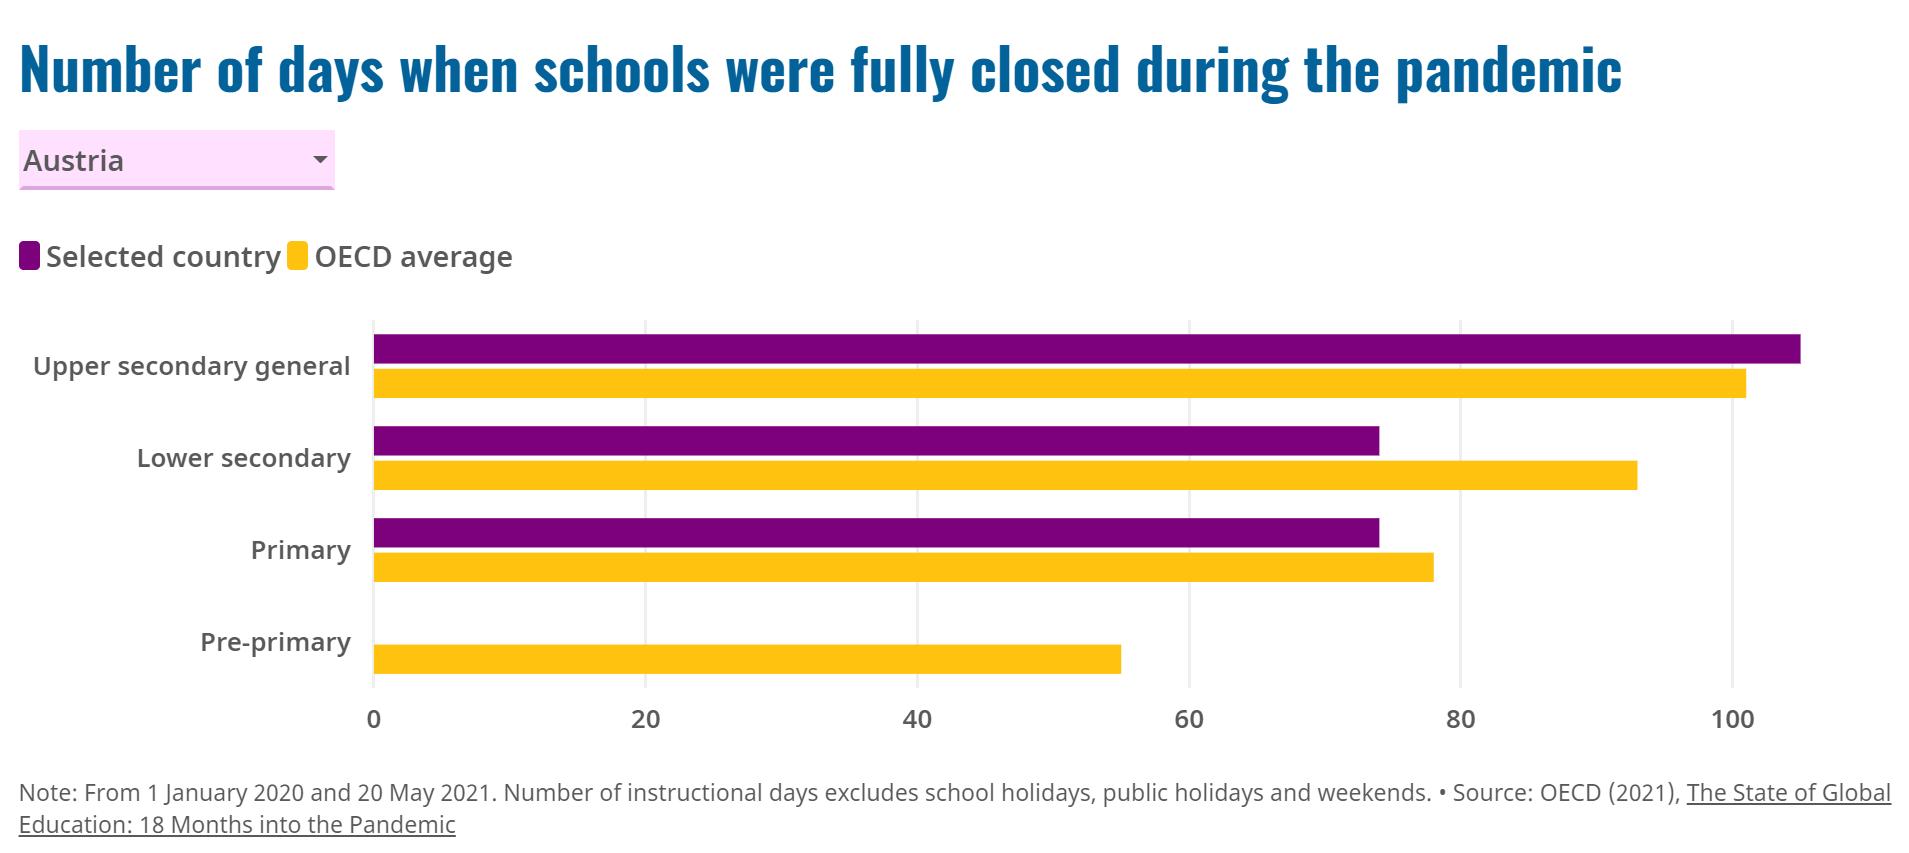 School closure during COVID-19